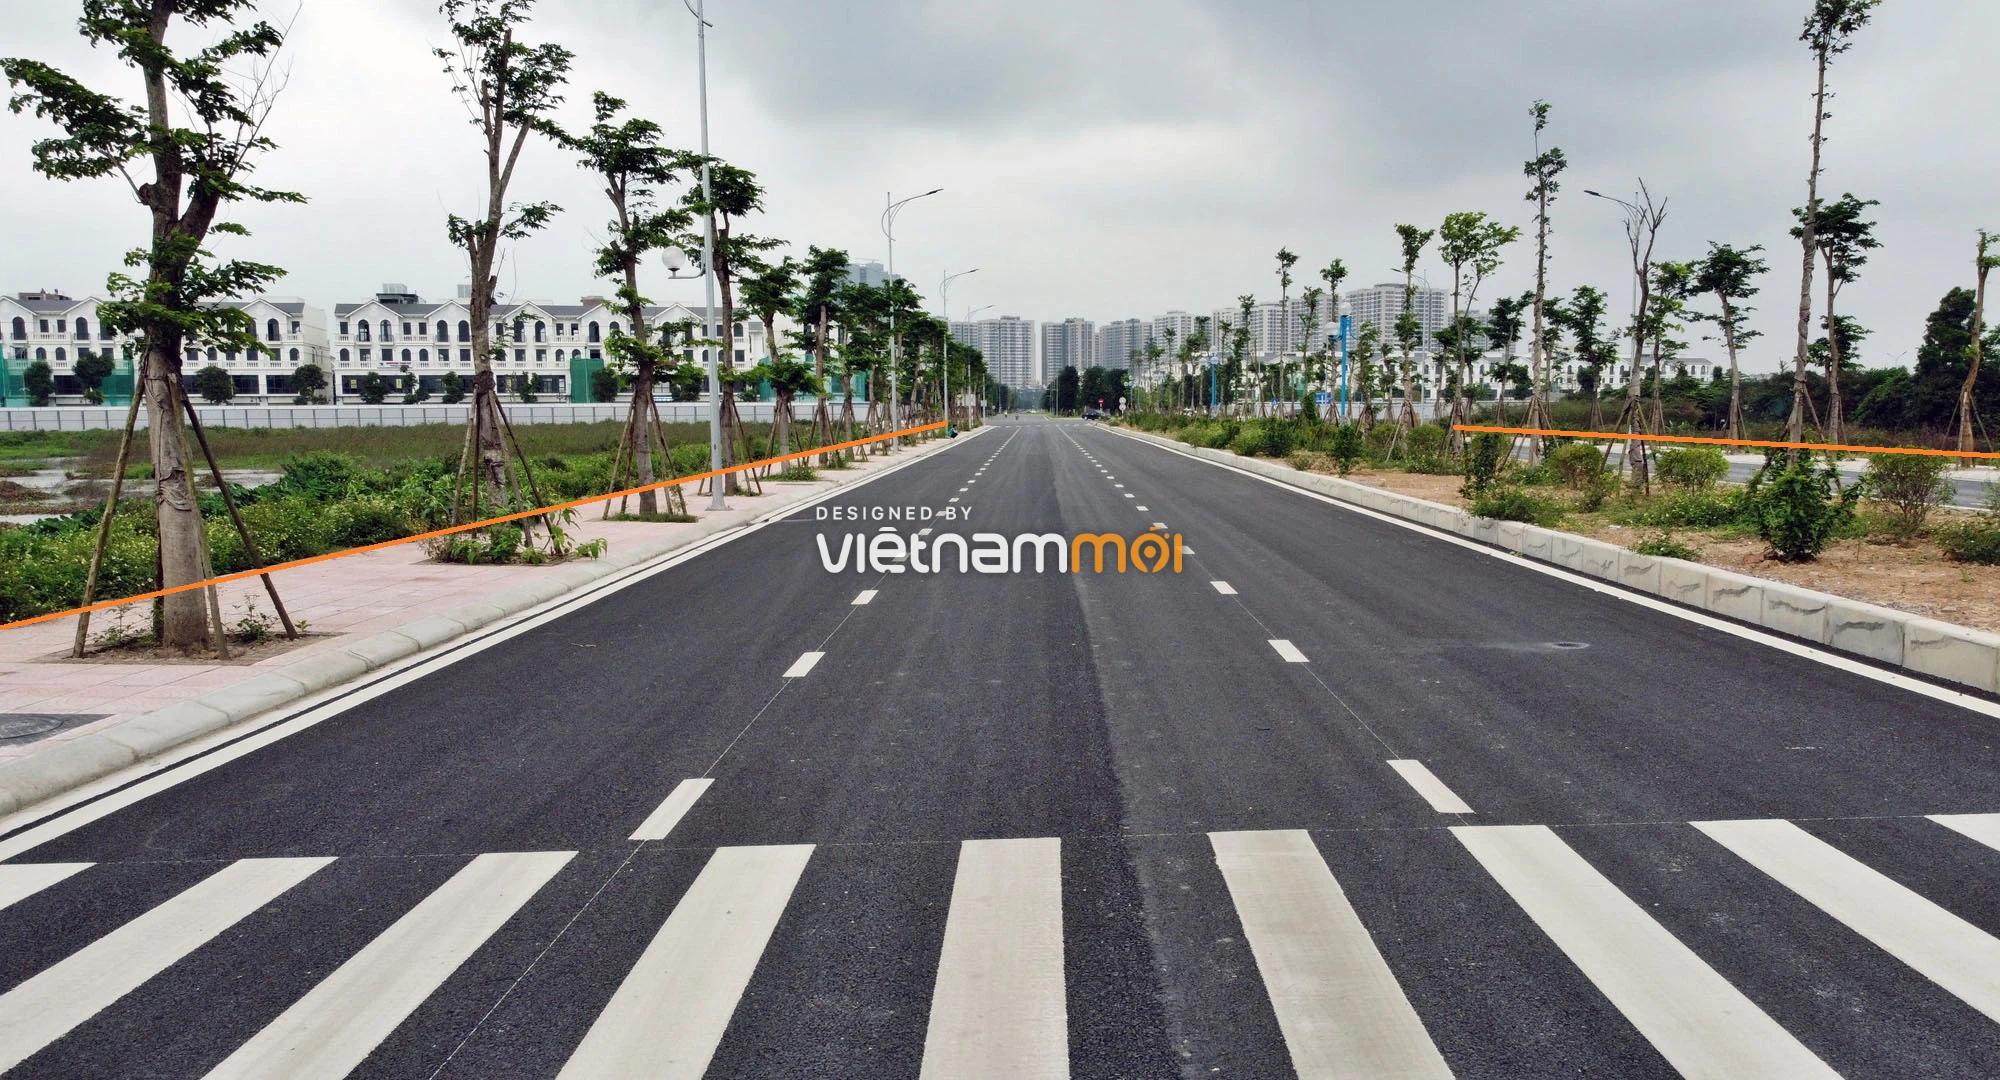 Toàn cảnh đường nối Vinhomes Ocean Park với ga Phú Thụy đang mở theo quy hoạch ở Hà Nội - Ảnh 14.